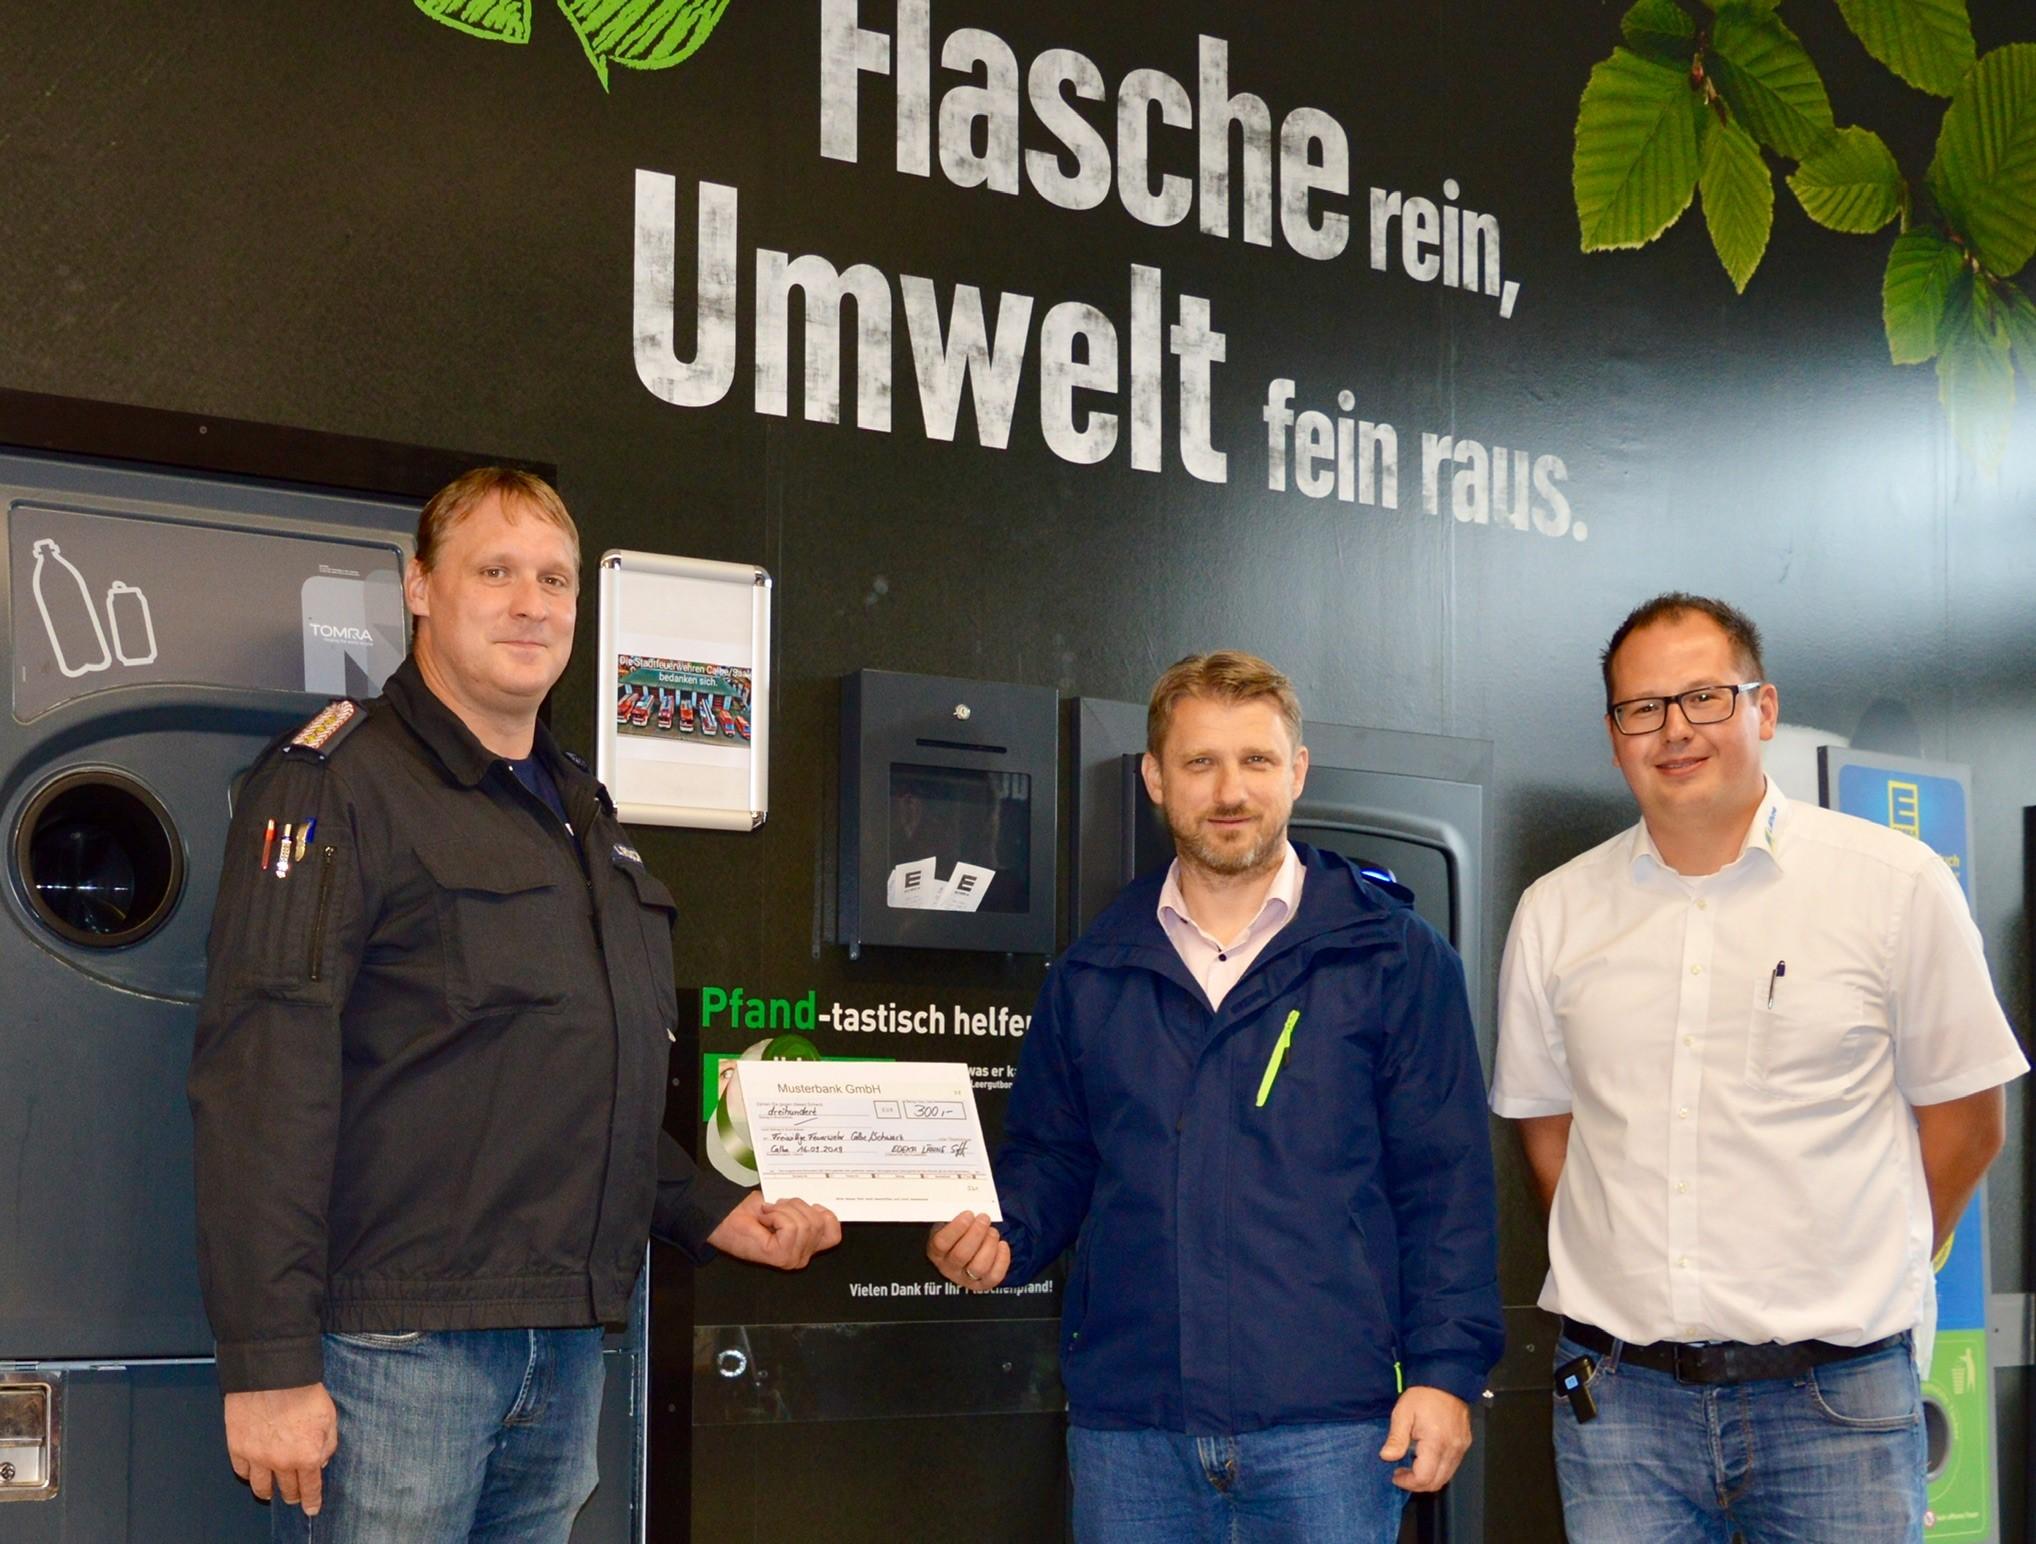 v.l. Stadtwehrleiter Calbe Lars Roschkowski und Bürgermeister Sven Hause erhalten den symbolischen Scheck  in Höhe von 300,00 Euro aus den Händen vom Marktinhaber Stephan Lähne.